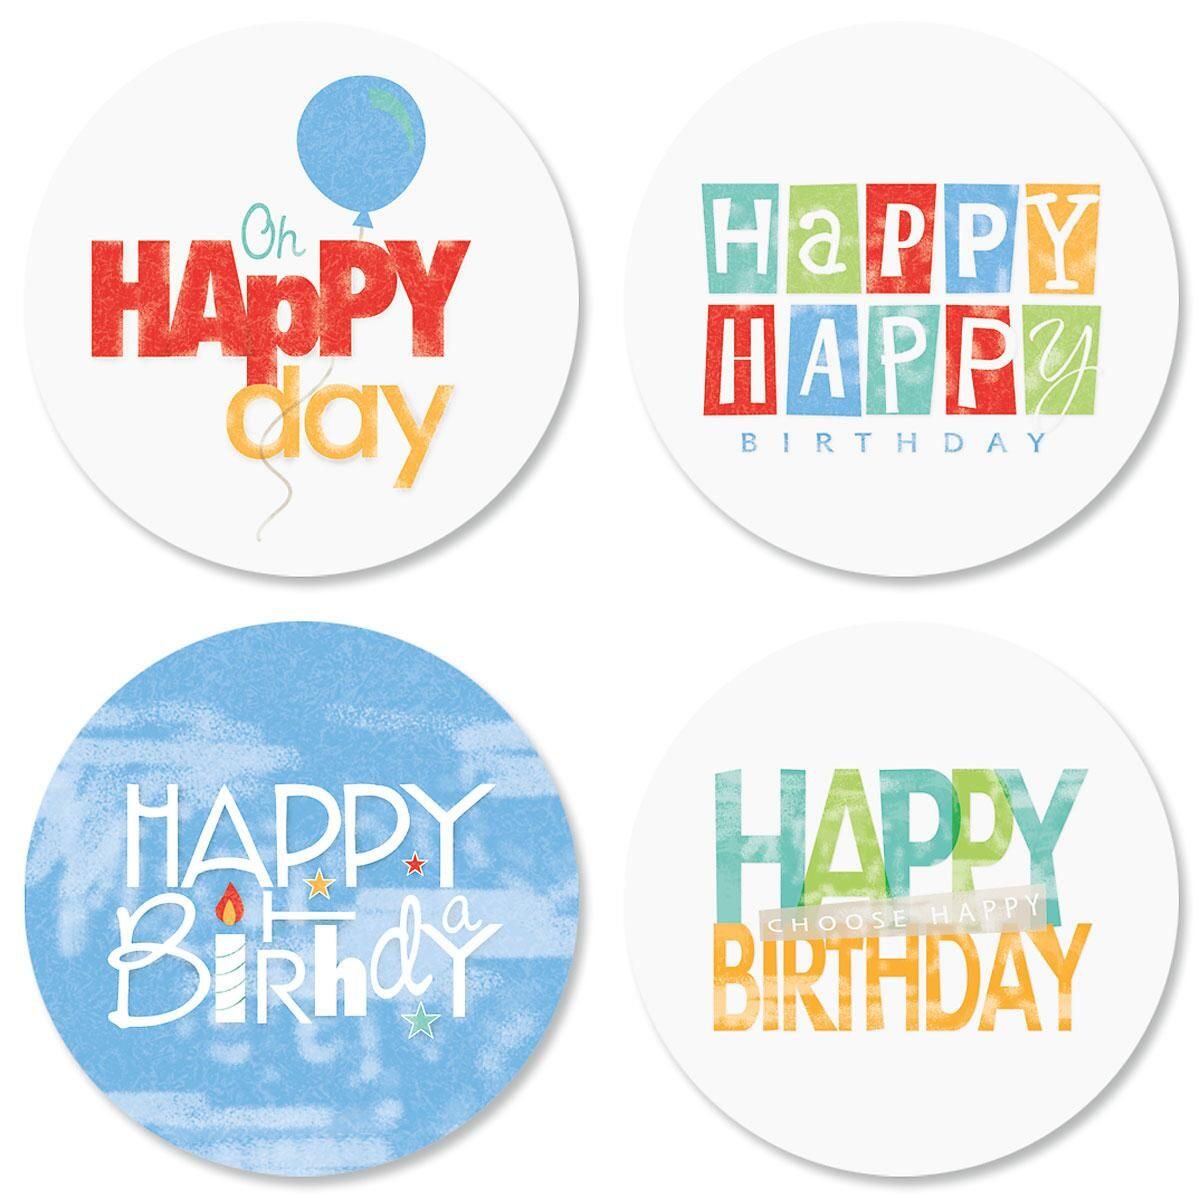 Choose Happy Birthday Seals